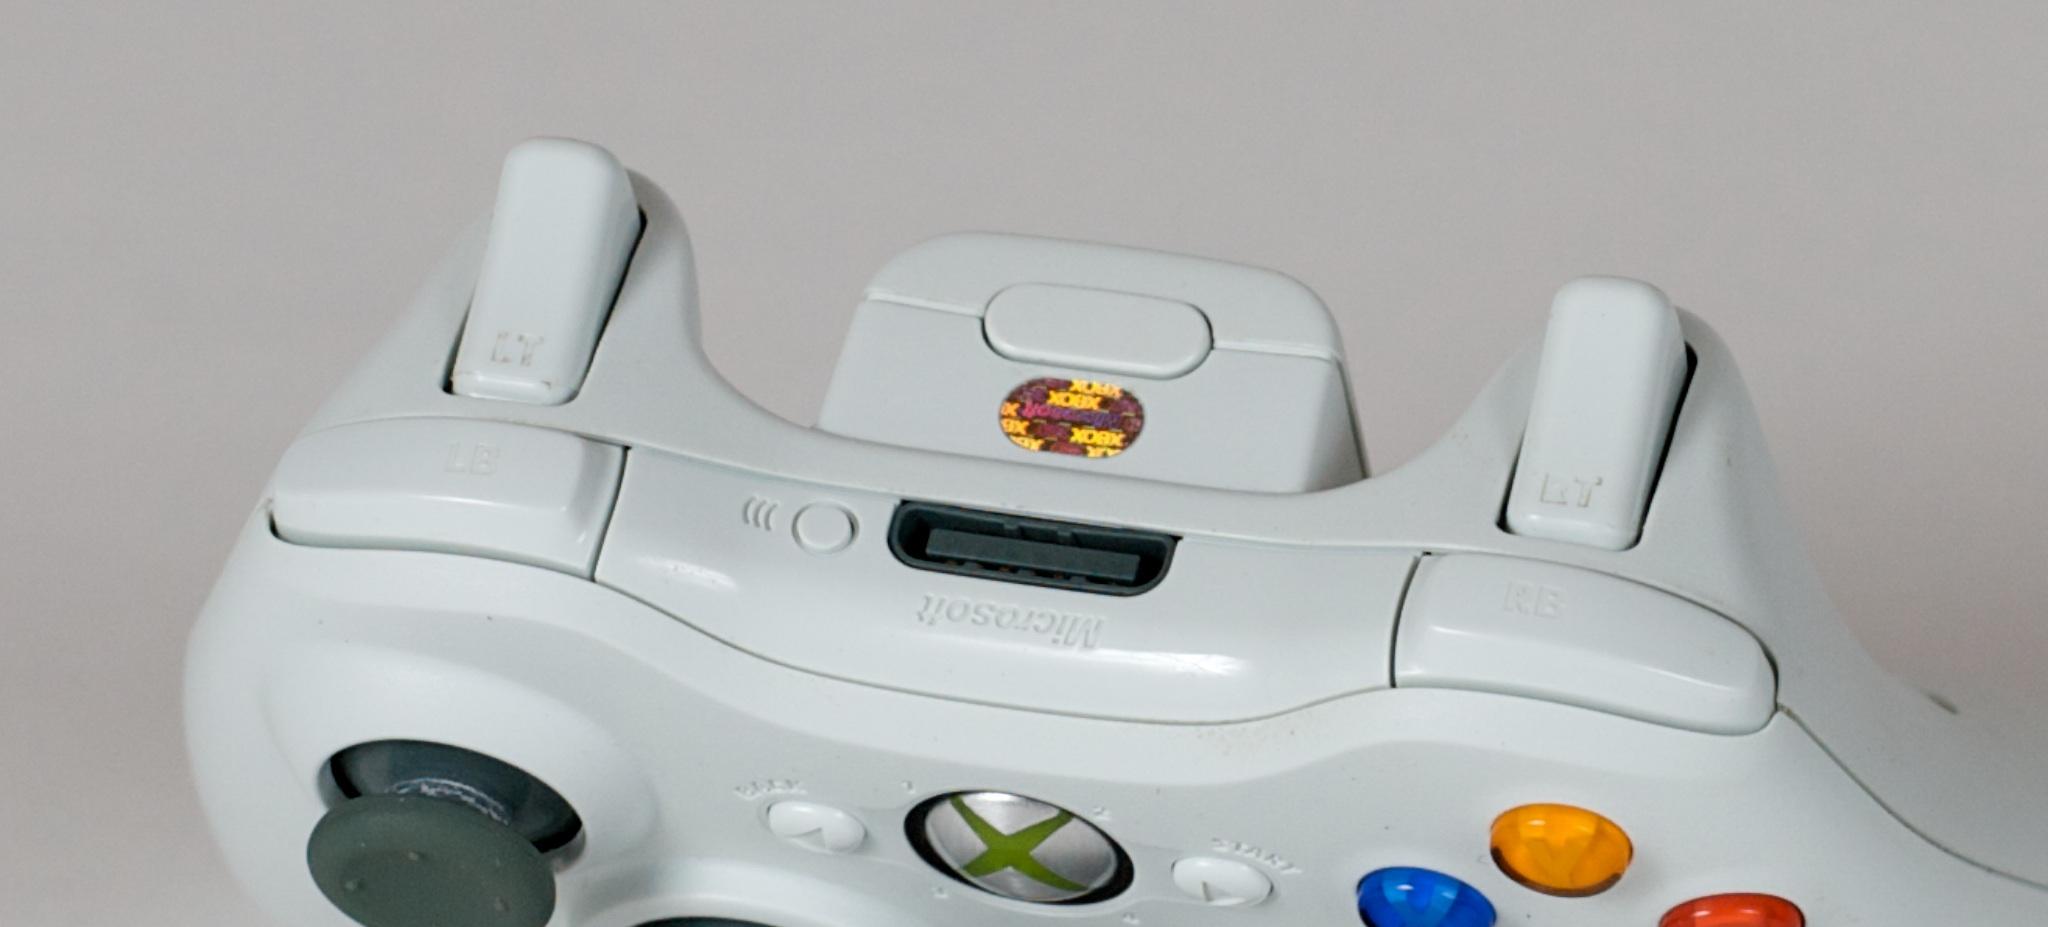 Beschreibung Xbox360 controller white back jpgXbox 1 Controller Back